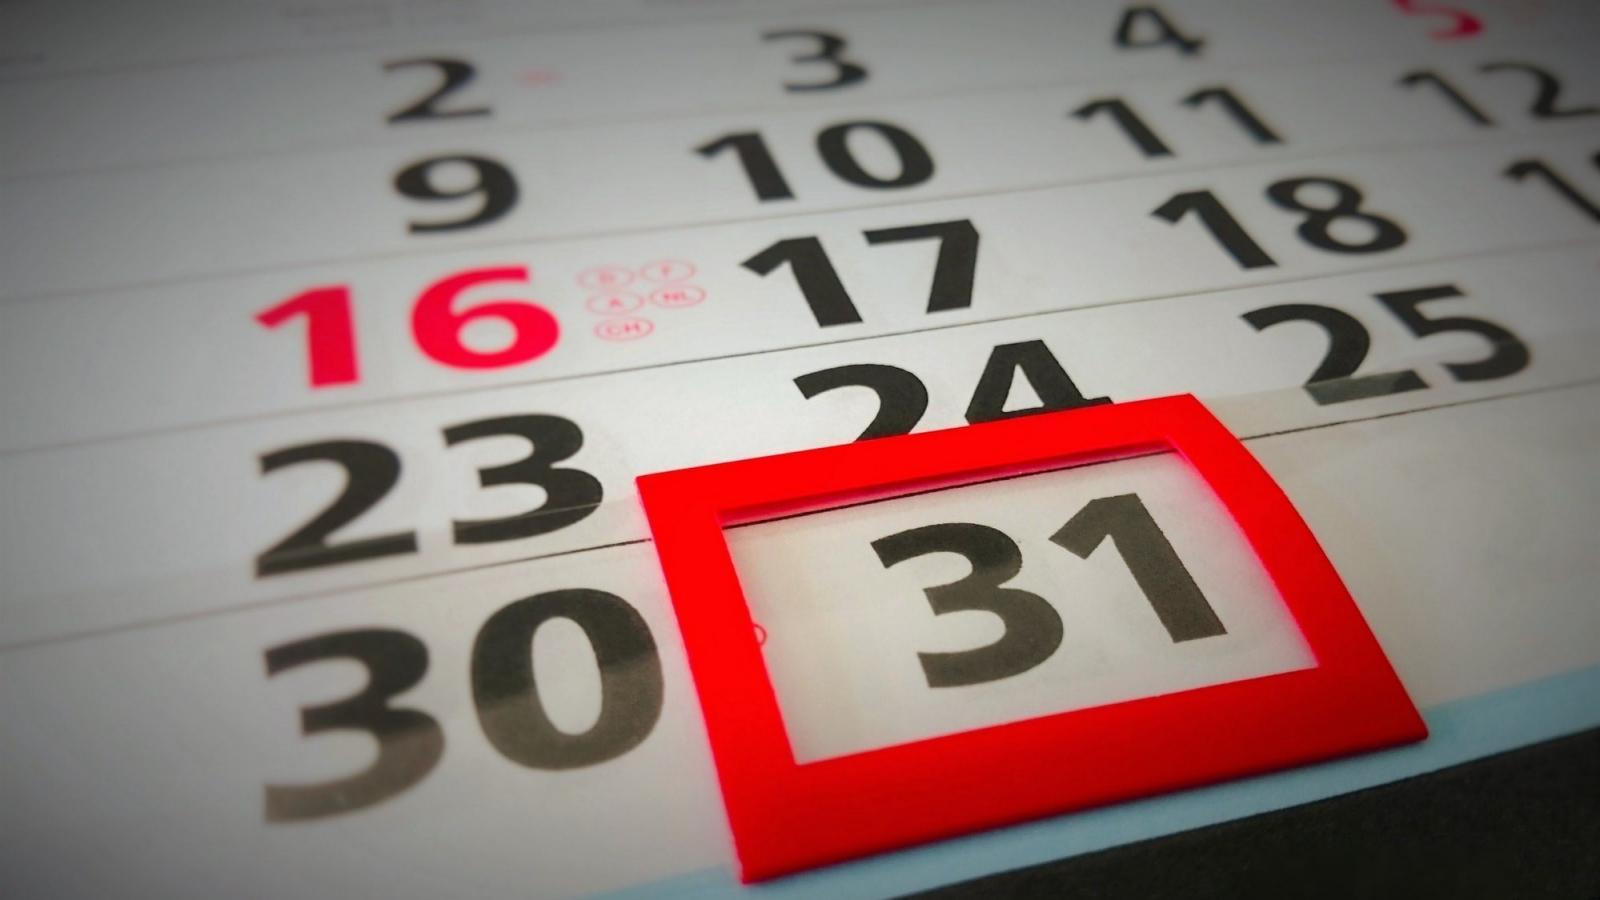 Conheça a lista de feriados e pontos facultativos em 2018